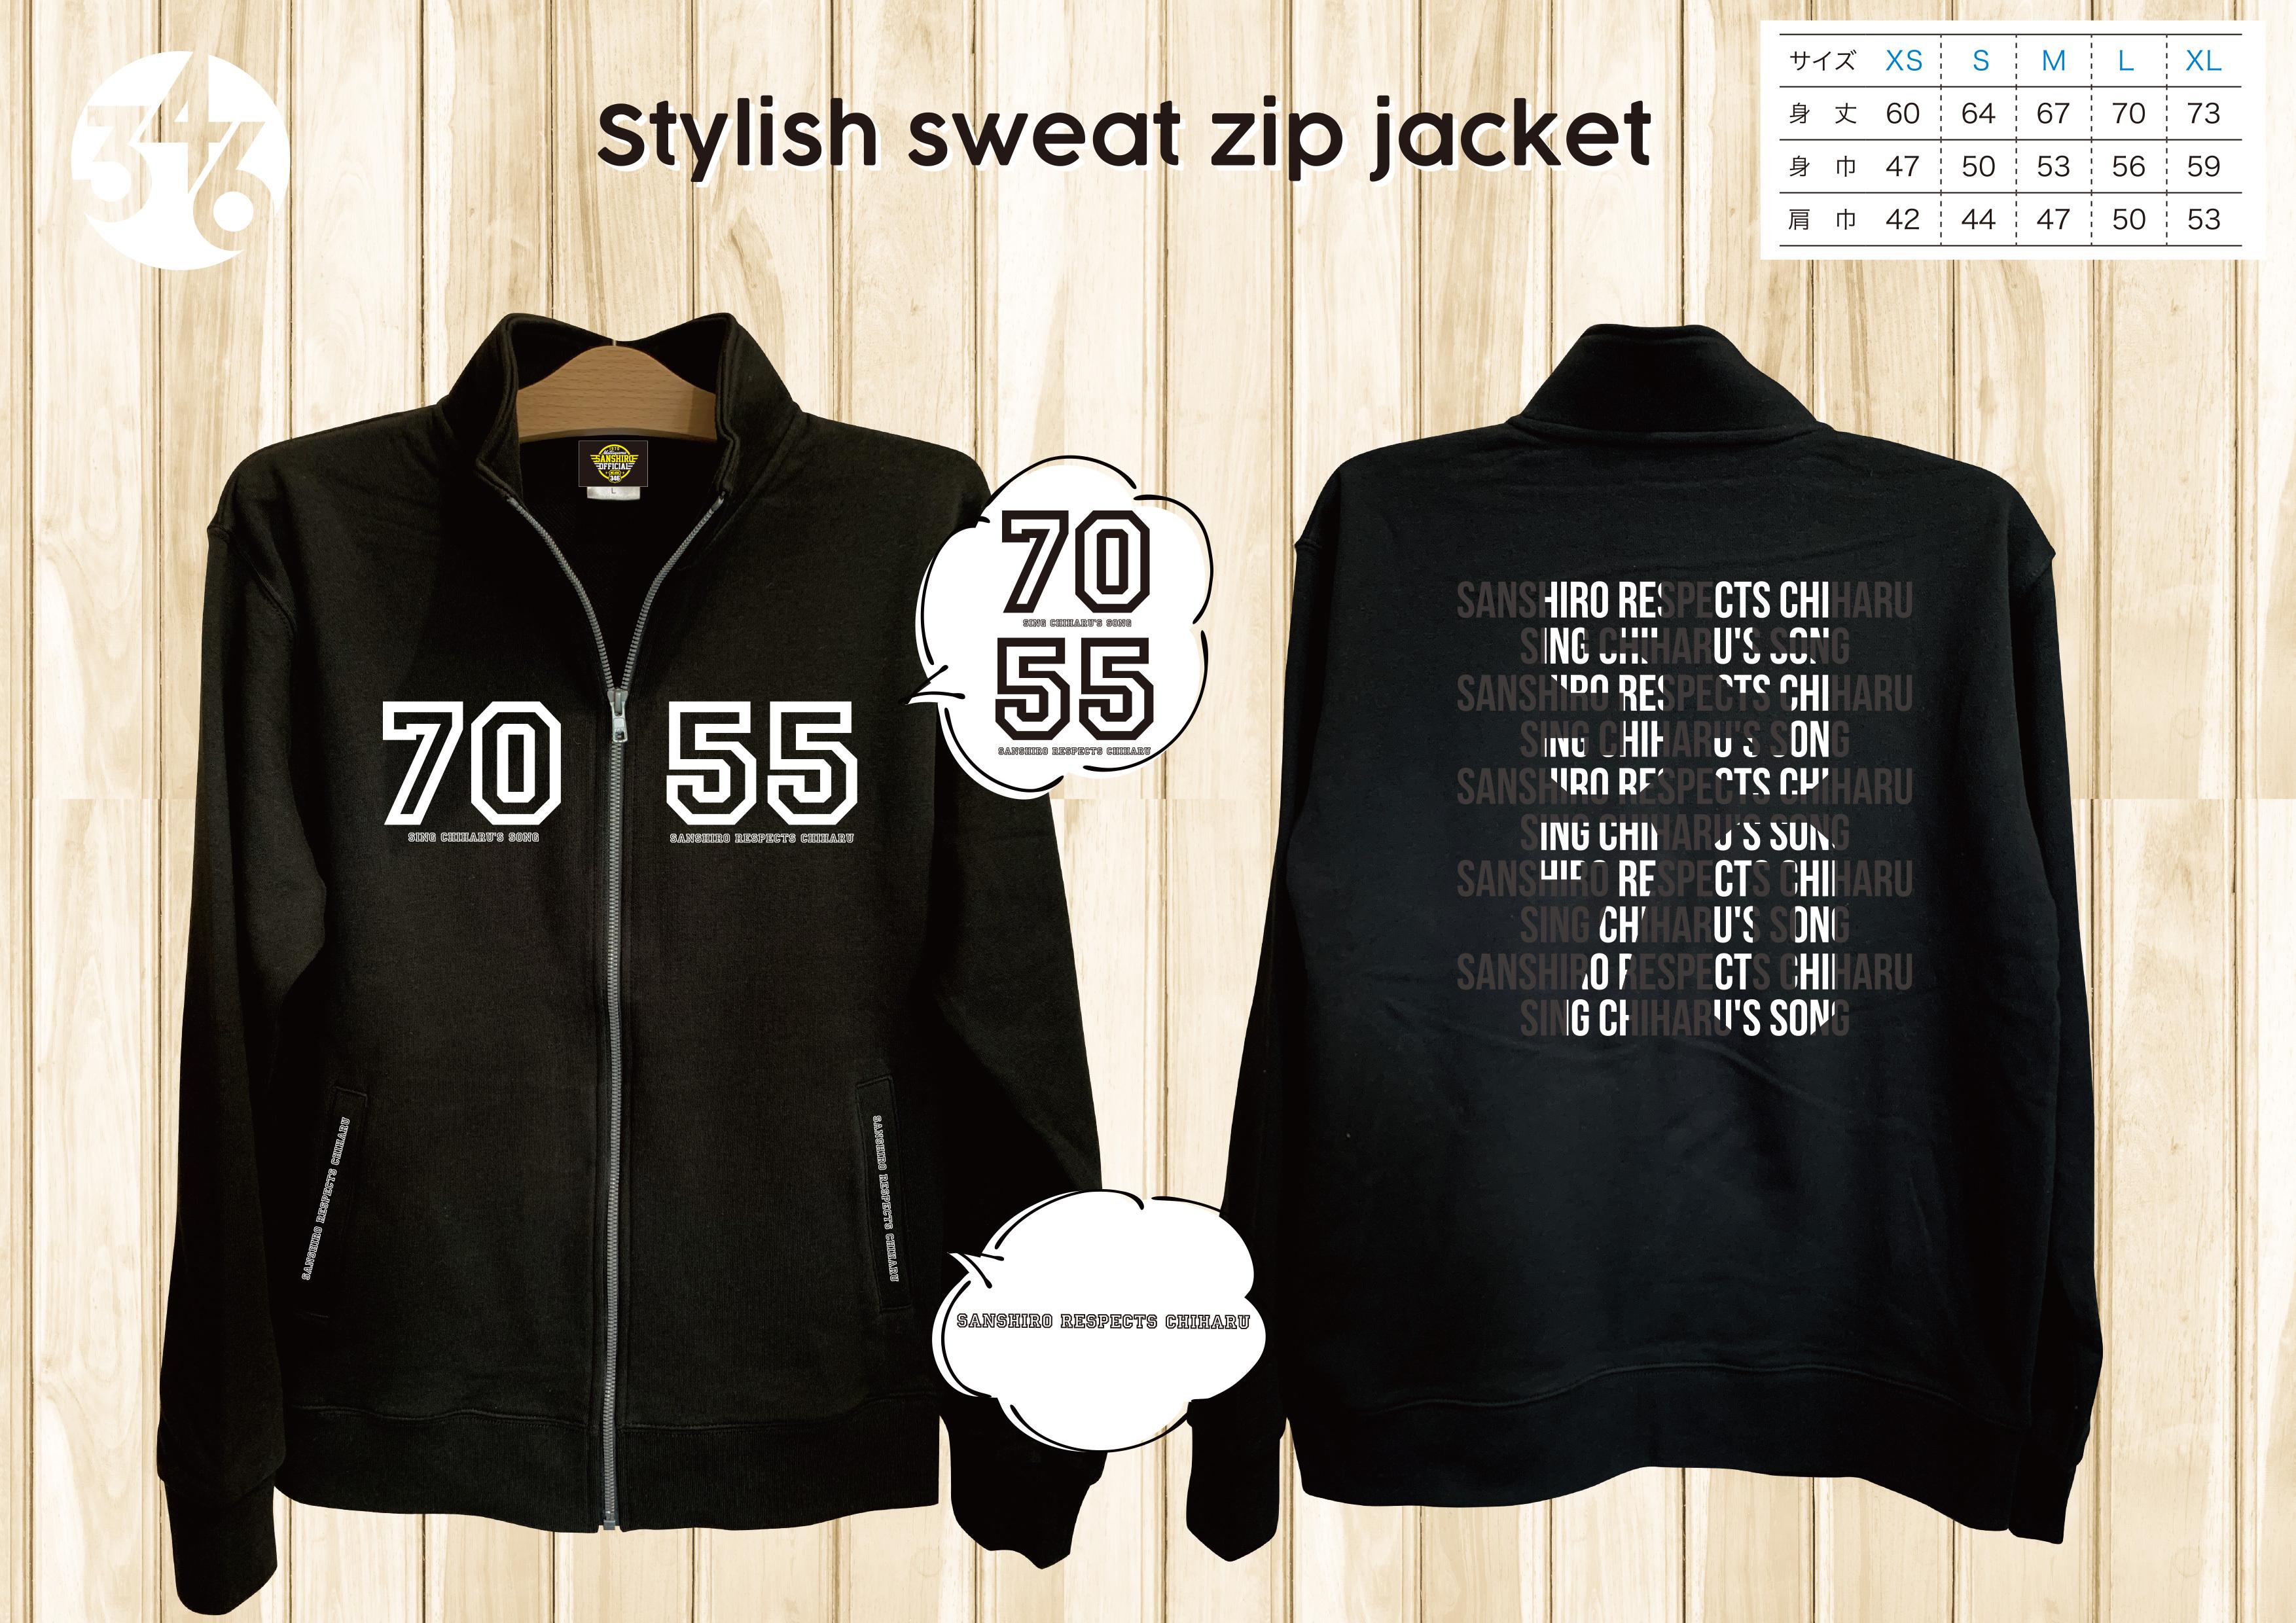 【Lサイズ僅在庫あり】スタイリッシュ スウェットジップジャケット(S / M / L / XL)